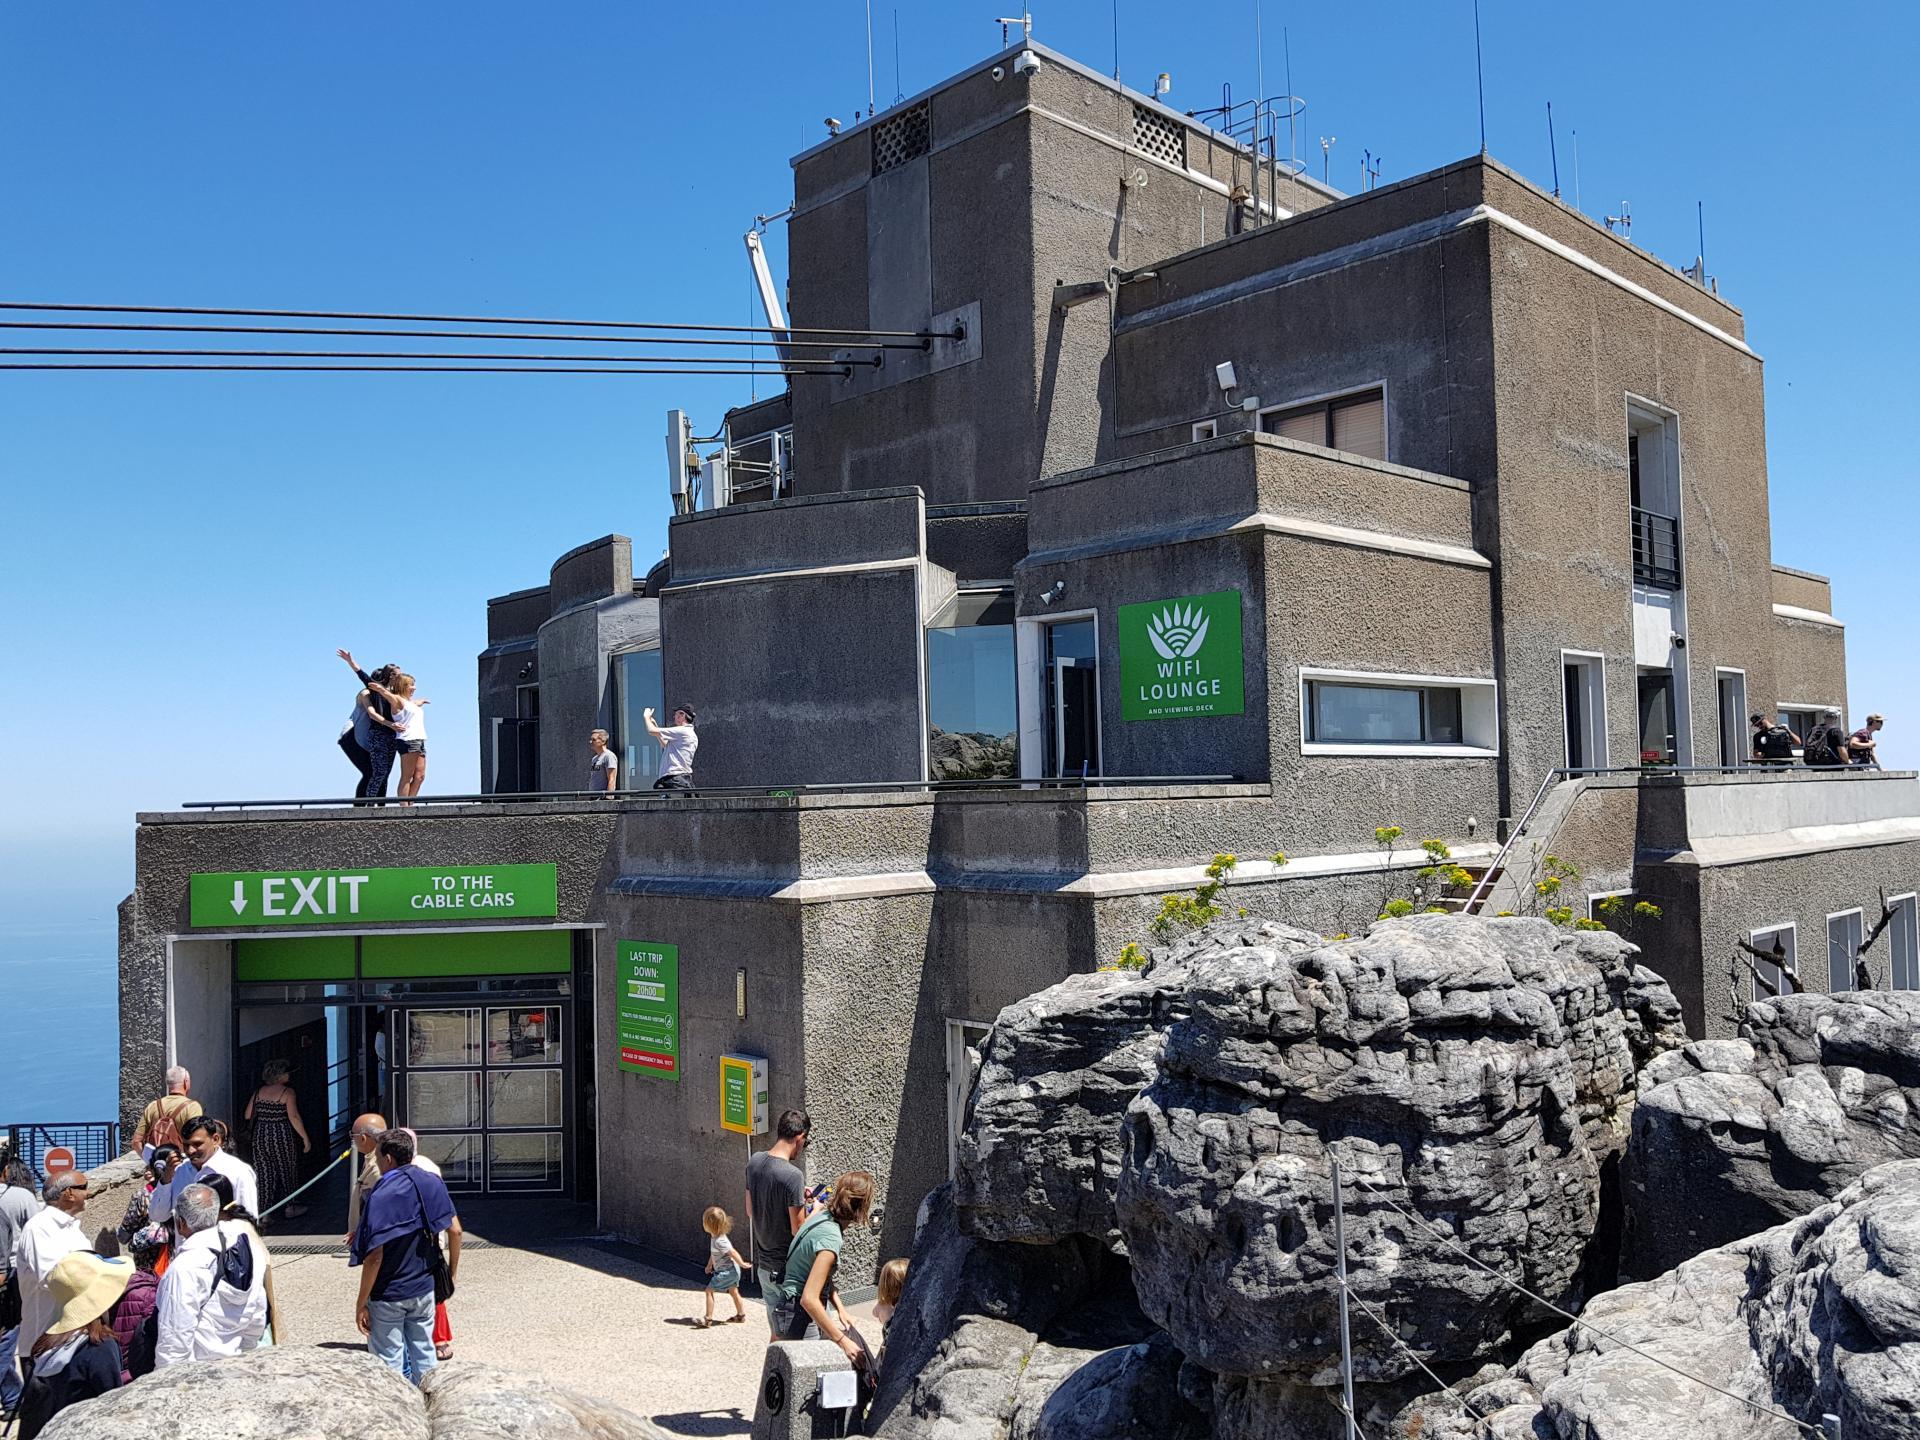 станция фуникулера на вершине Столовой горы, Кейптаун